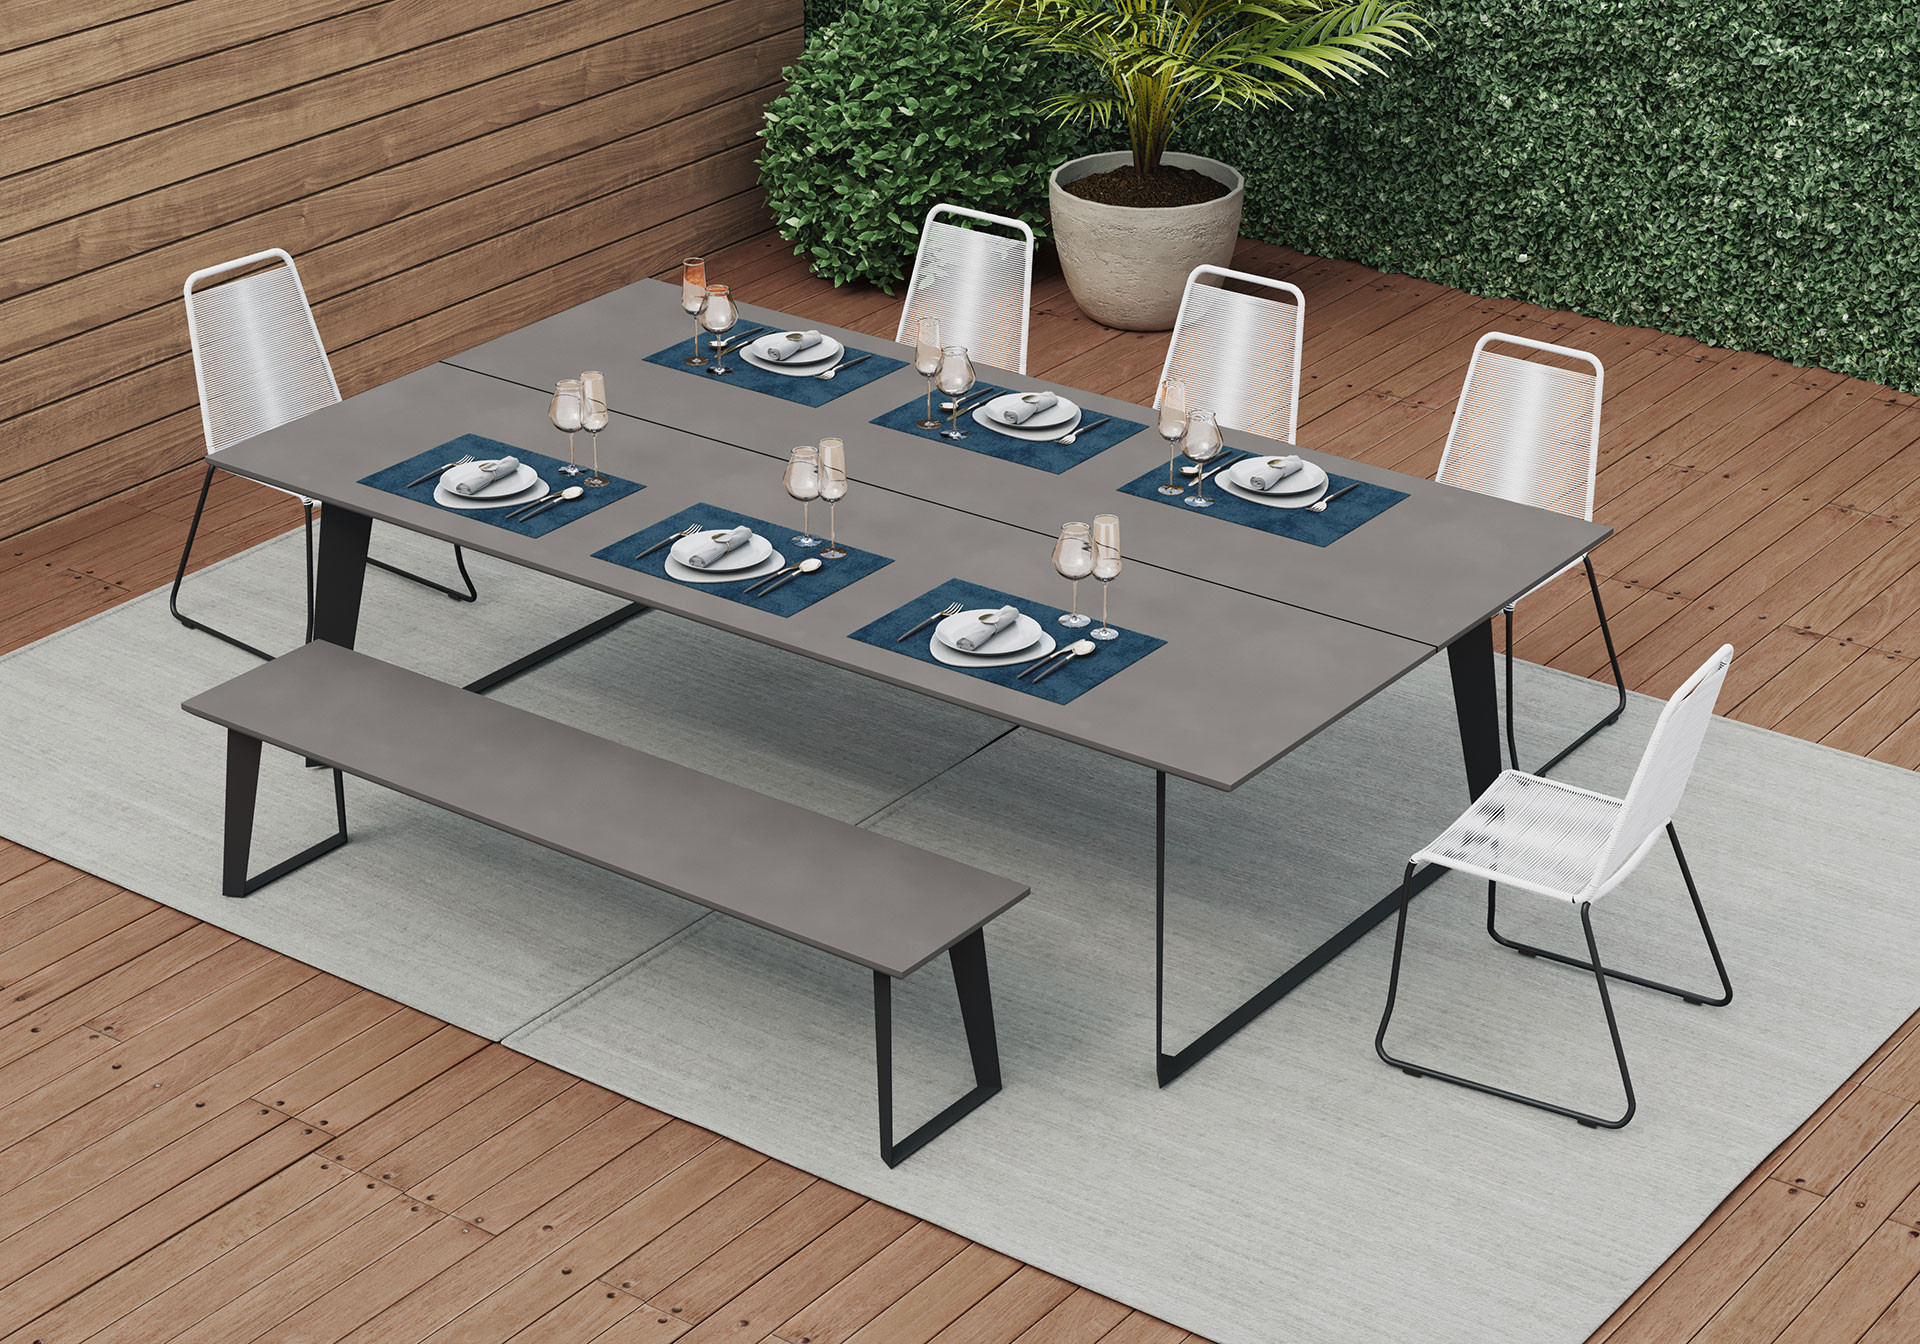 meubles de jardin design meubles de jardin design salon ikea salon inspiration salon zdjc2a2 of meubles de jardin design